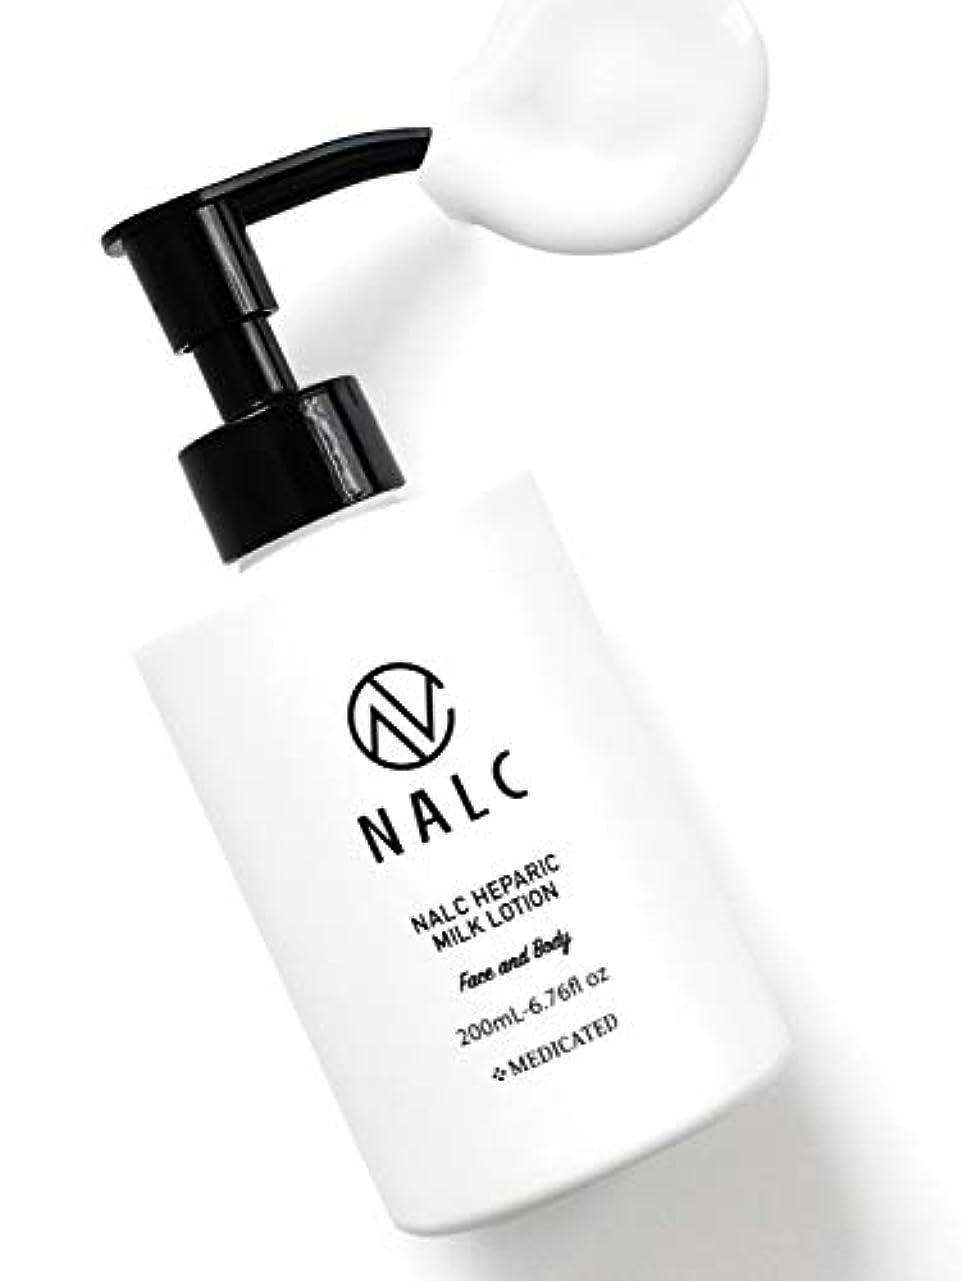 順応性のある素子まともなNALC ヘパリン 乳液 (乾燥肌の救世主 ヘパリン類似物質 配合) (全身 に使えるから ボディローション としても オススメ) 薬用 ヘパリン ミルクローション (顔 & 全身 用) 200mL ボディクリーム ハンドクリーム ボディミルク ポンプ式 ニキビ を防ぐ